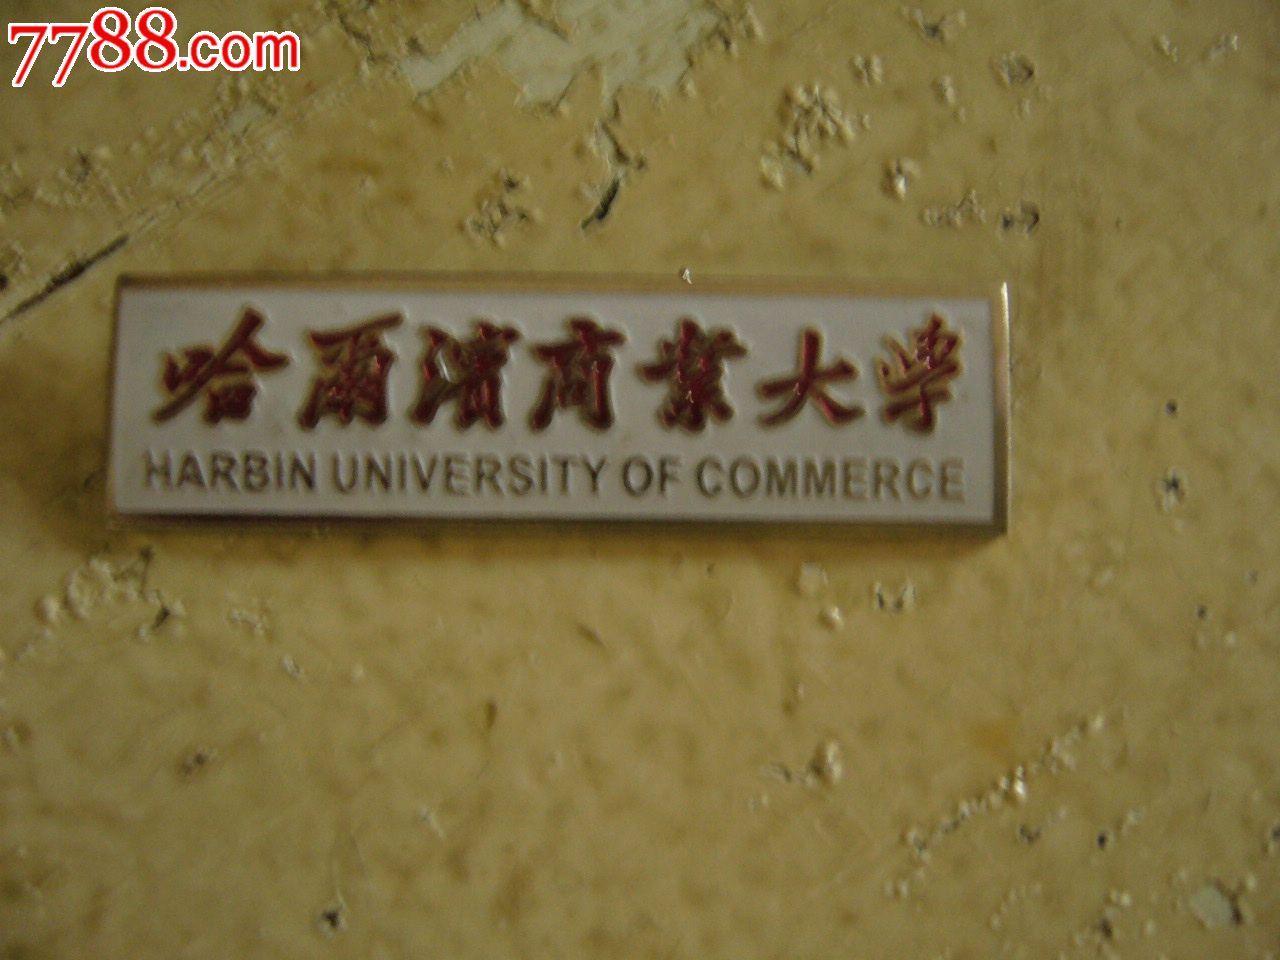 哈尔滨商业大学-价格:1.0000元-au7318198-校徽/毕业图片